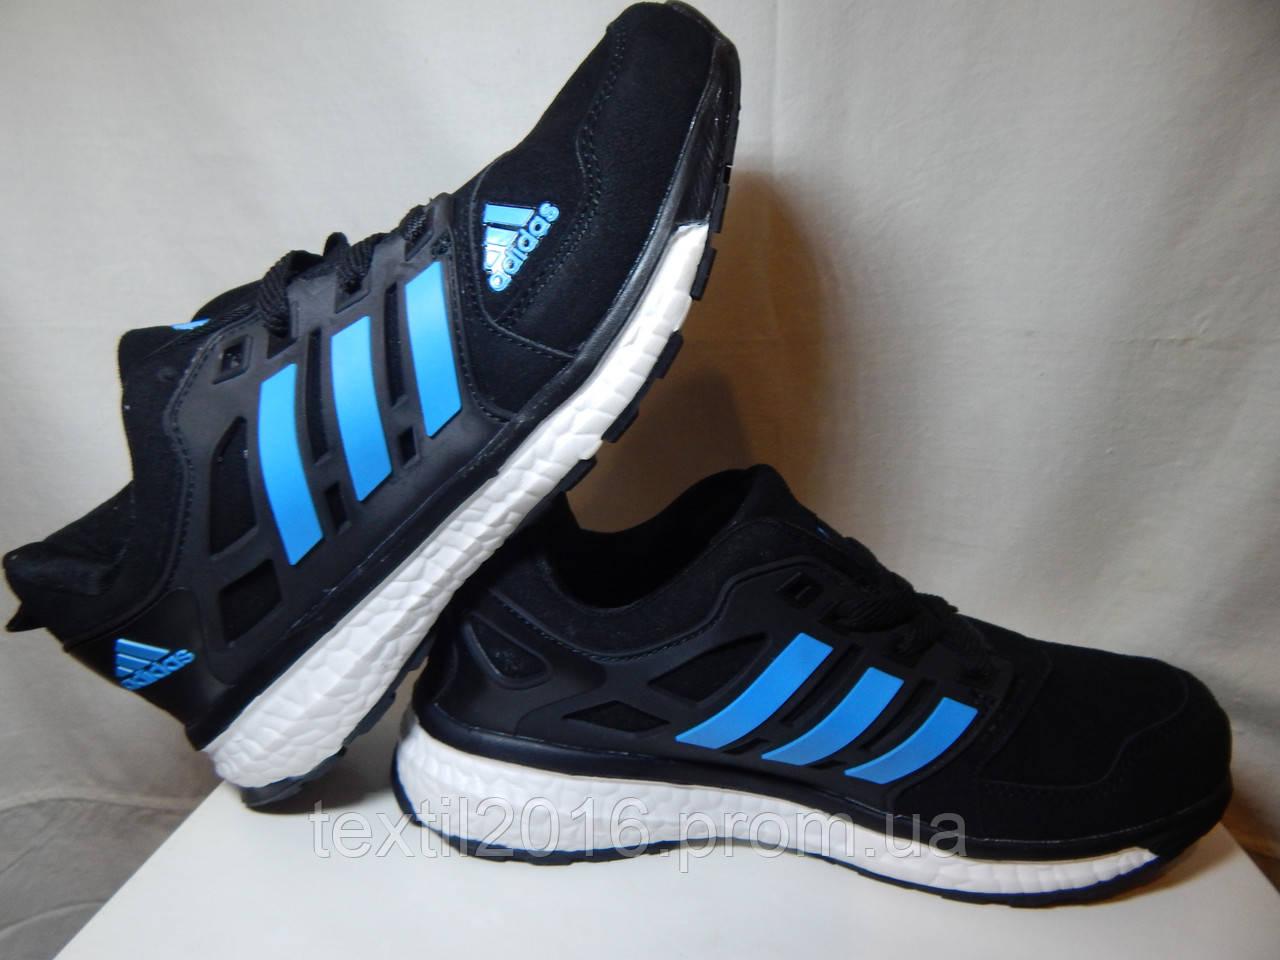 b05410bd Мужские замшевые кроссовки Adidas Ultra Boost реплика - Интернет магазин